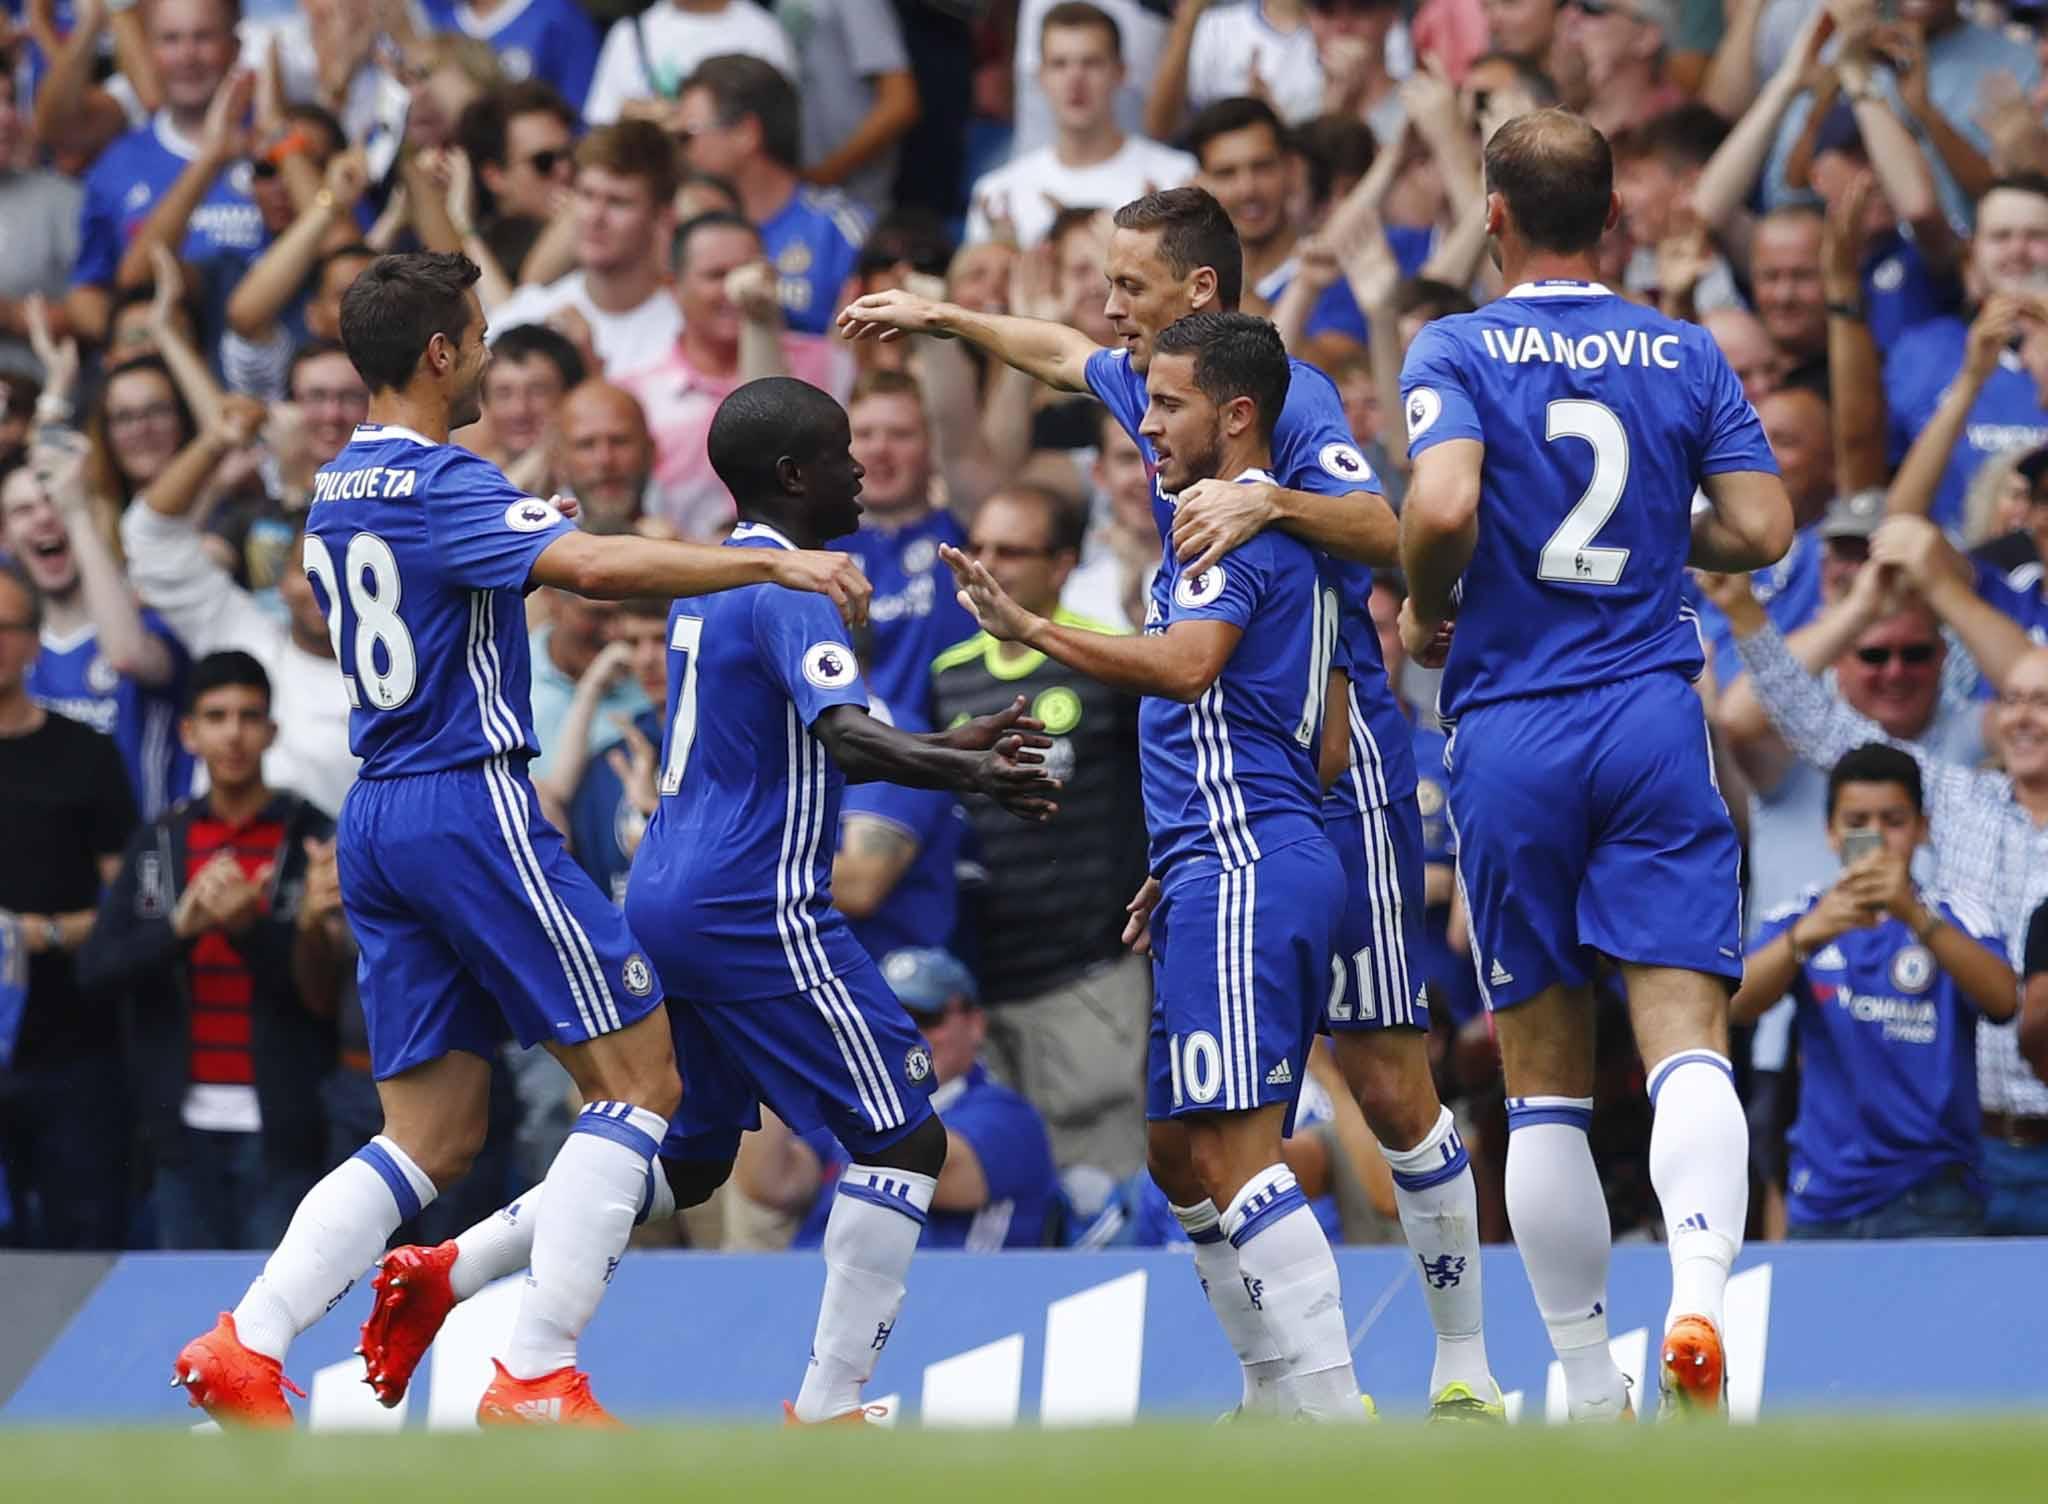 Trois sur trois pour le Chelsea de Conte, Arsenal et Leicester gagnent enfin - Angleterre - Etranger - Football